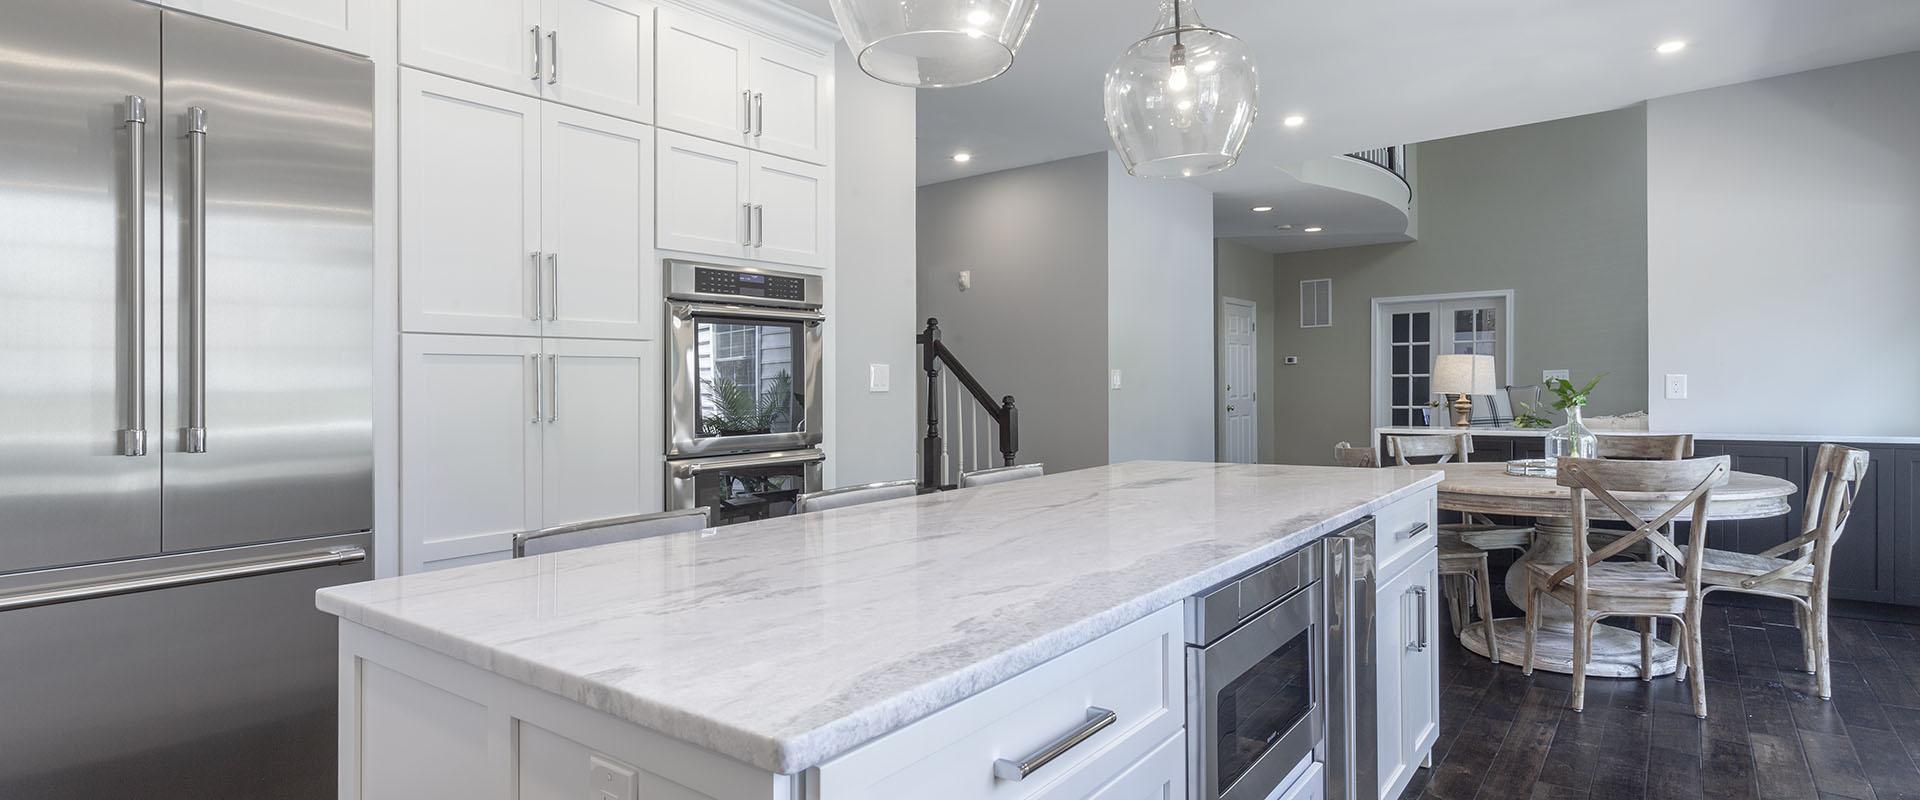 Kitchen Remodeling in Ashburn, VA